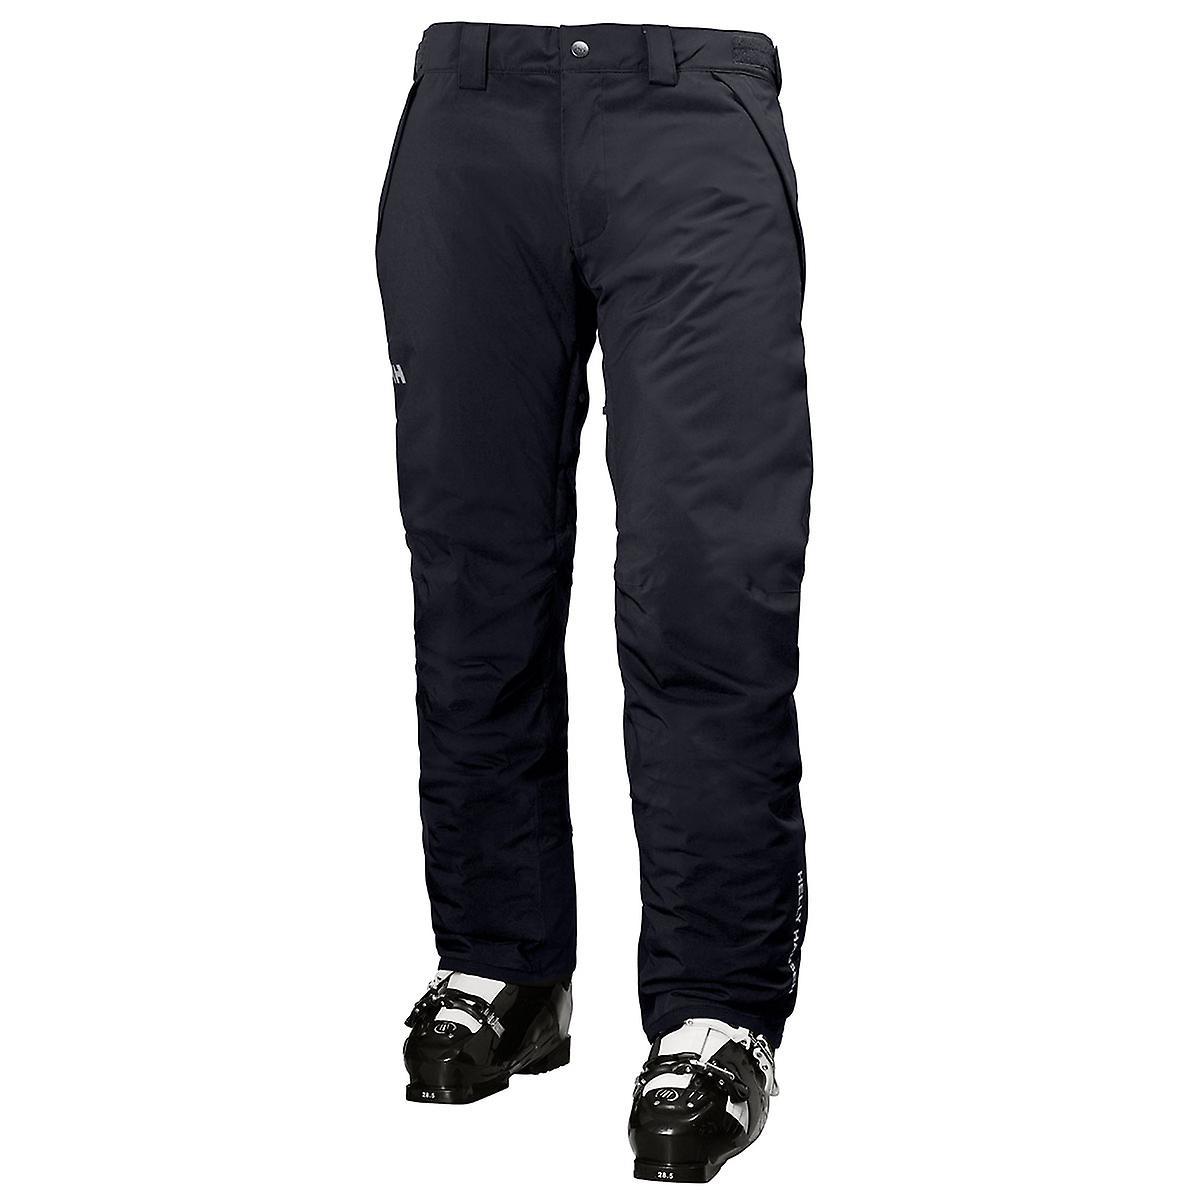 Helly Hansen Mens Velocity isolé pantalon de ski imperméable à l'eau